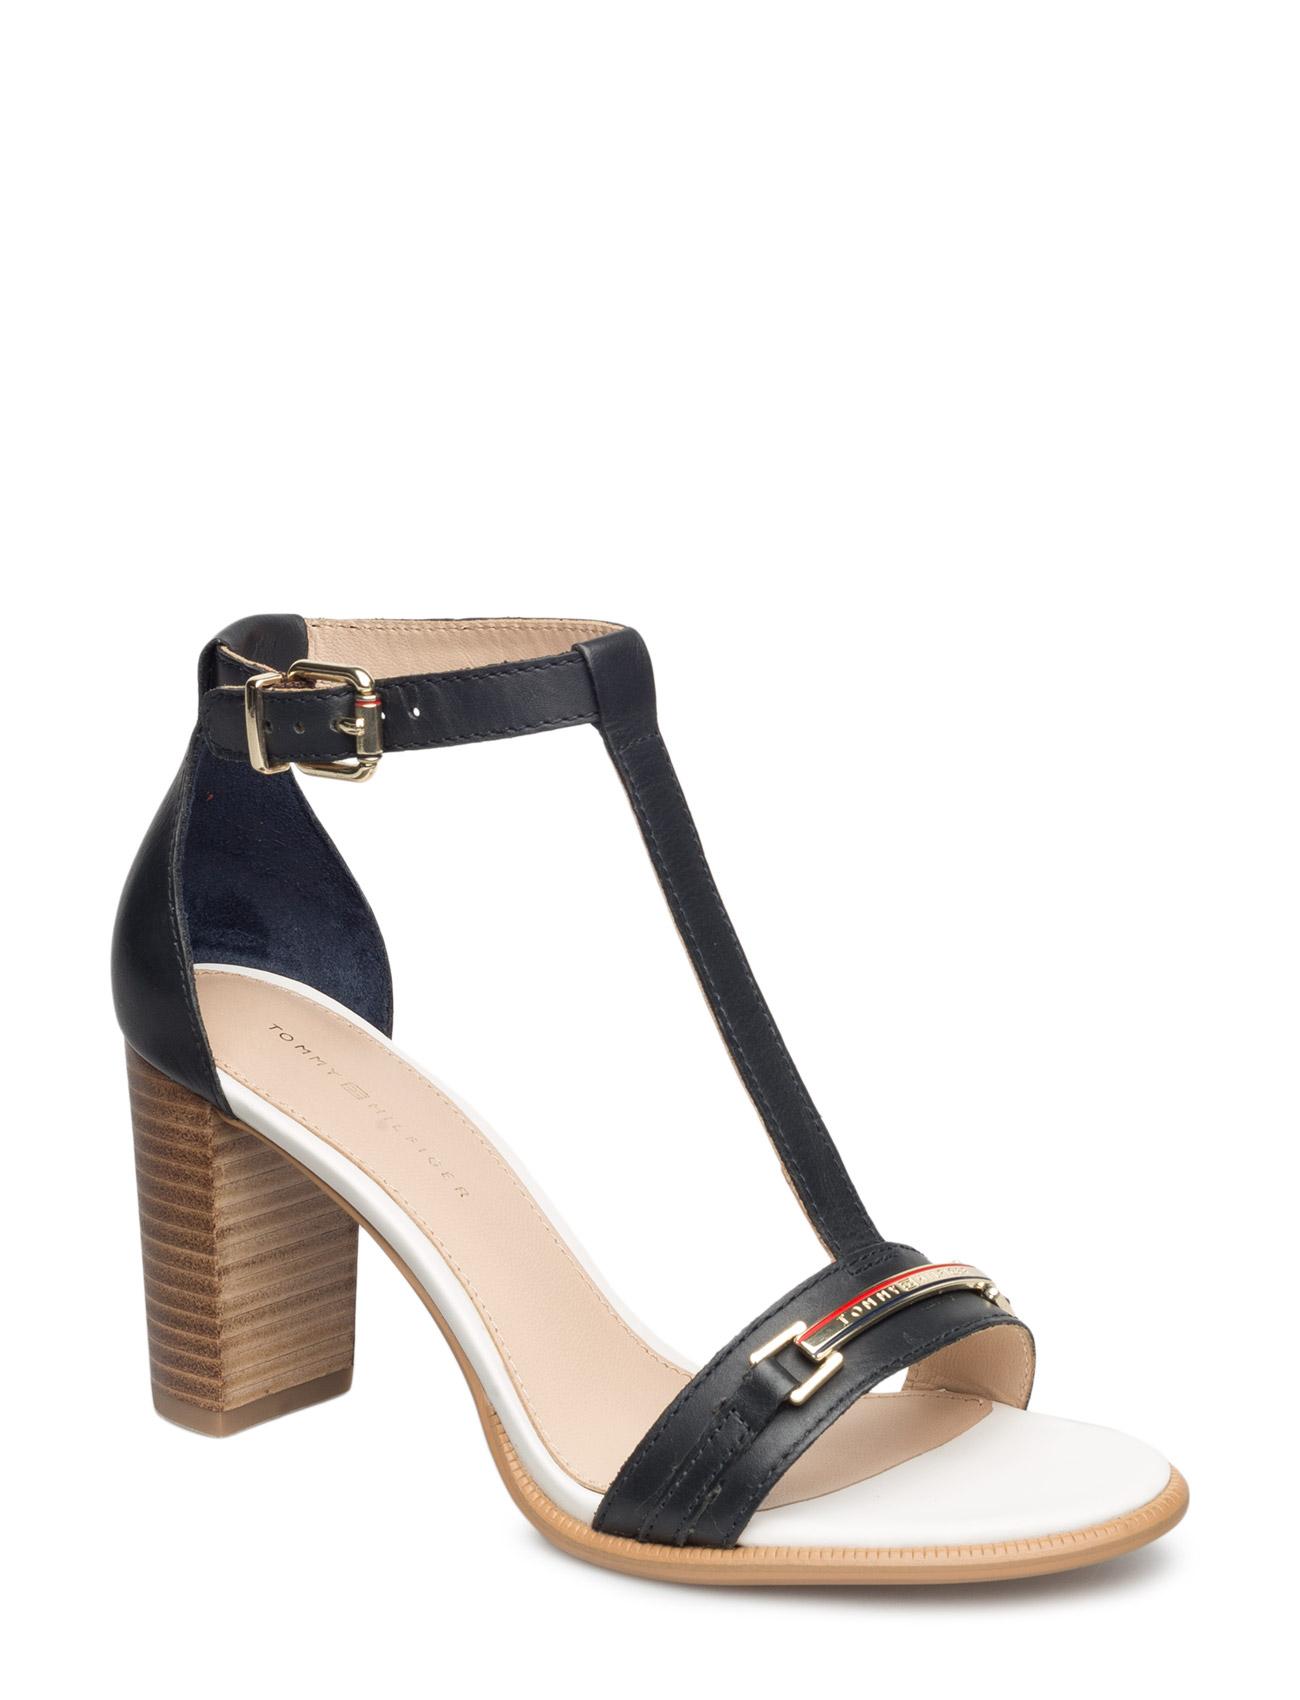 Tommy Hilfiger Shoes J1285oanne 16a 13313610